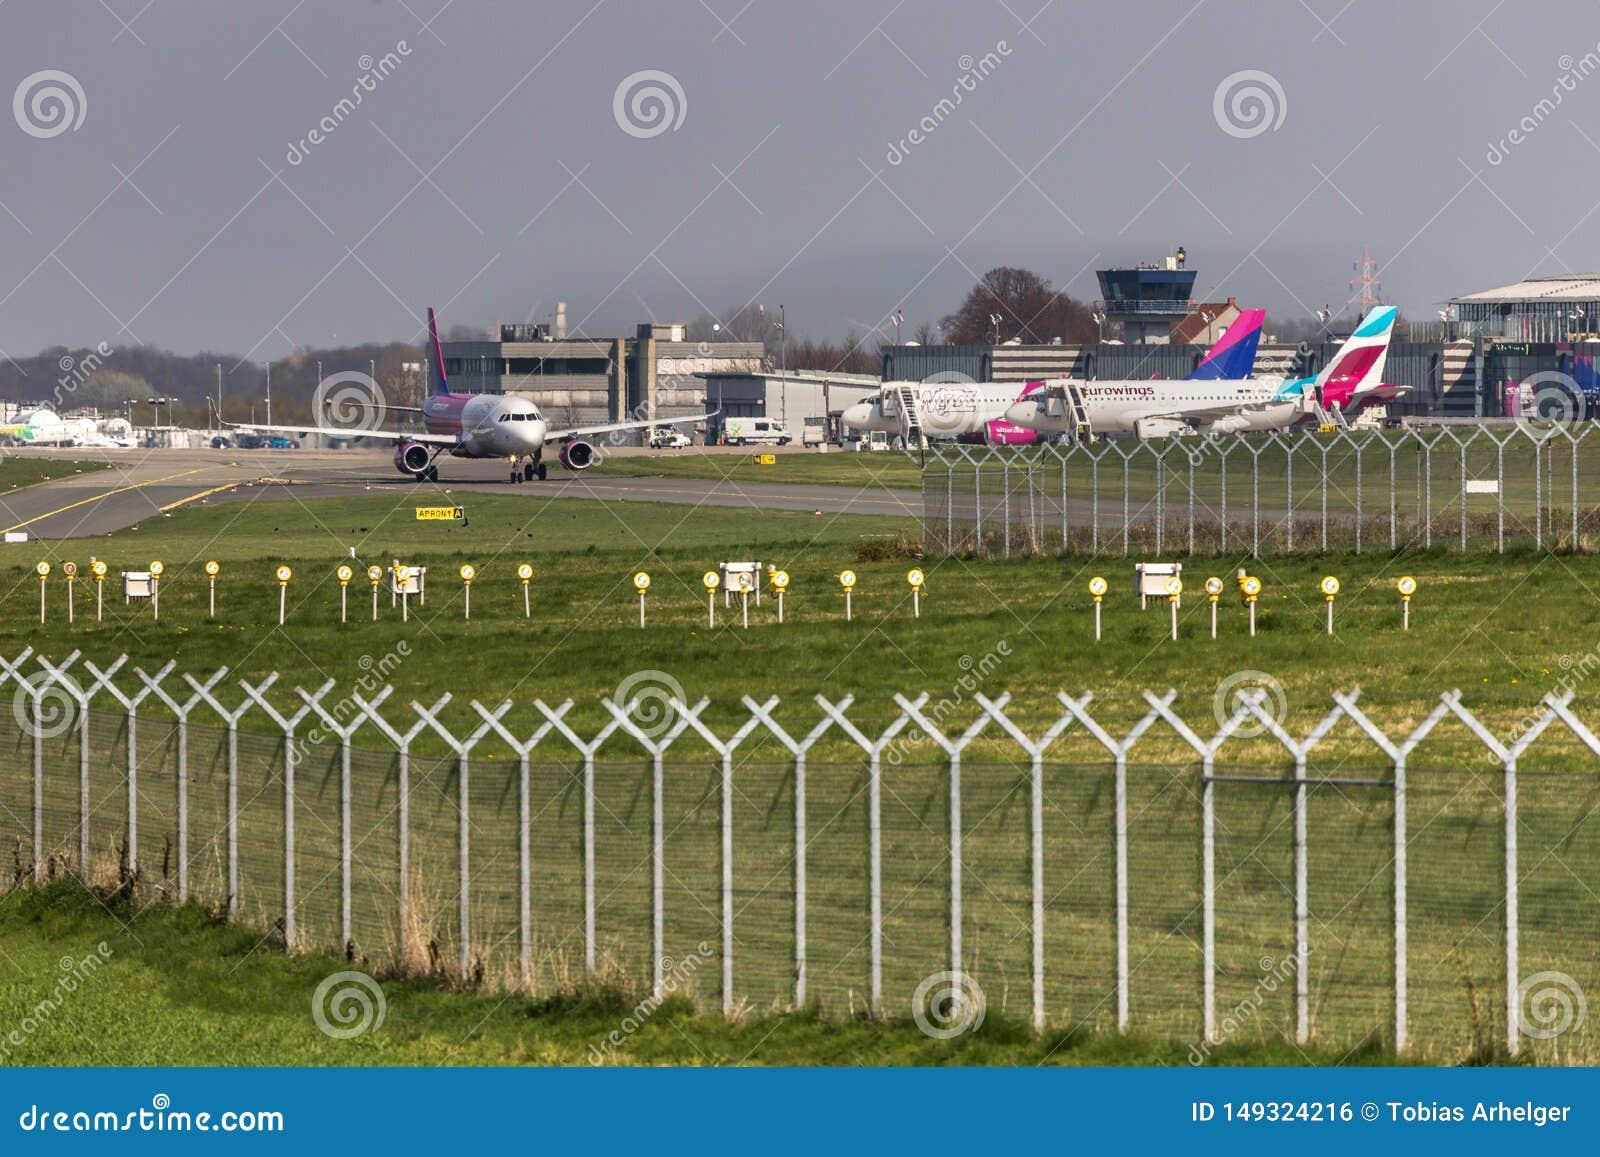 Dortmund airport in dortmund germany